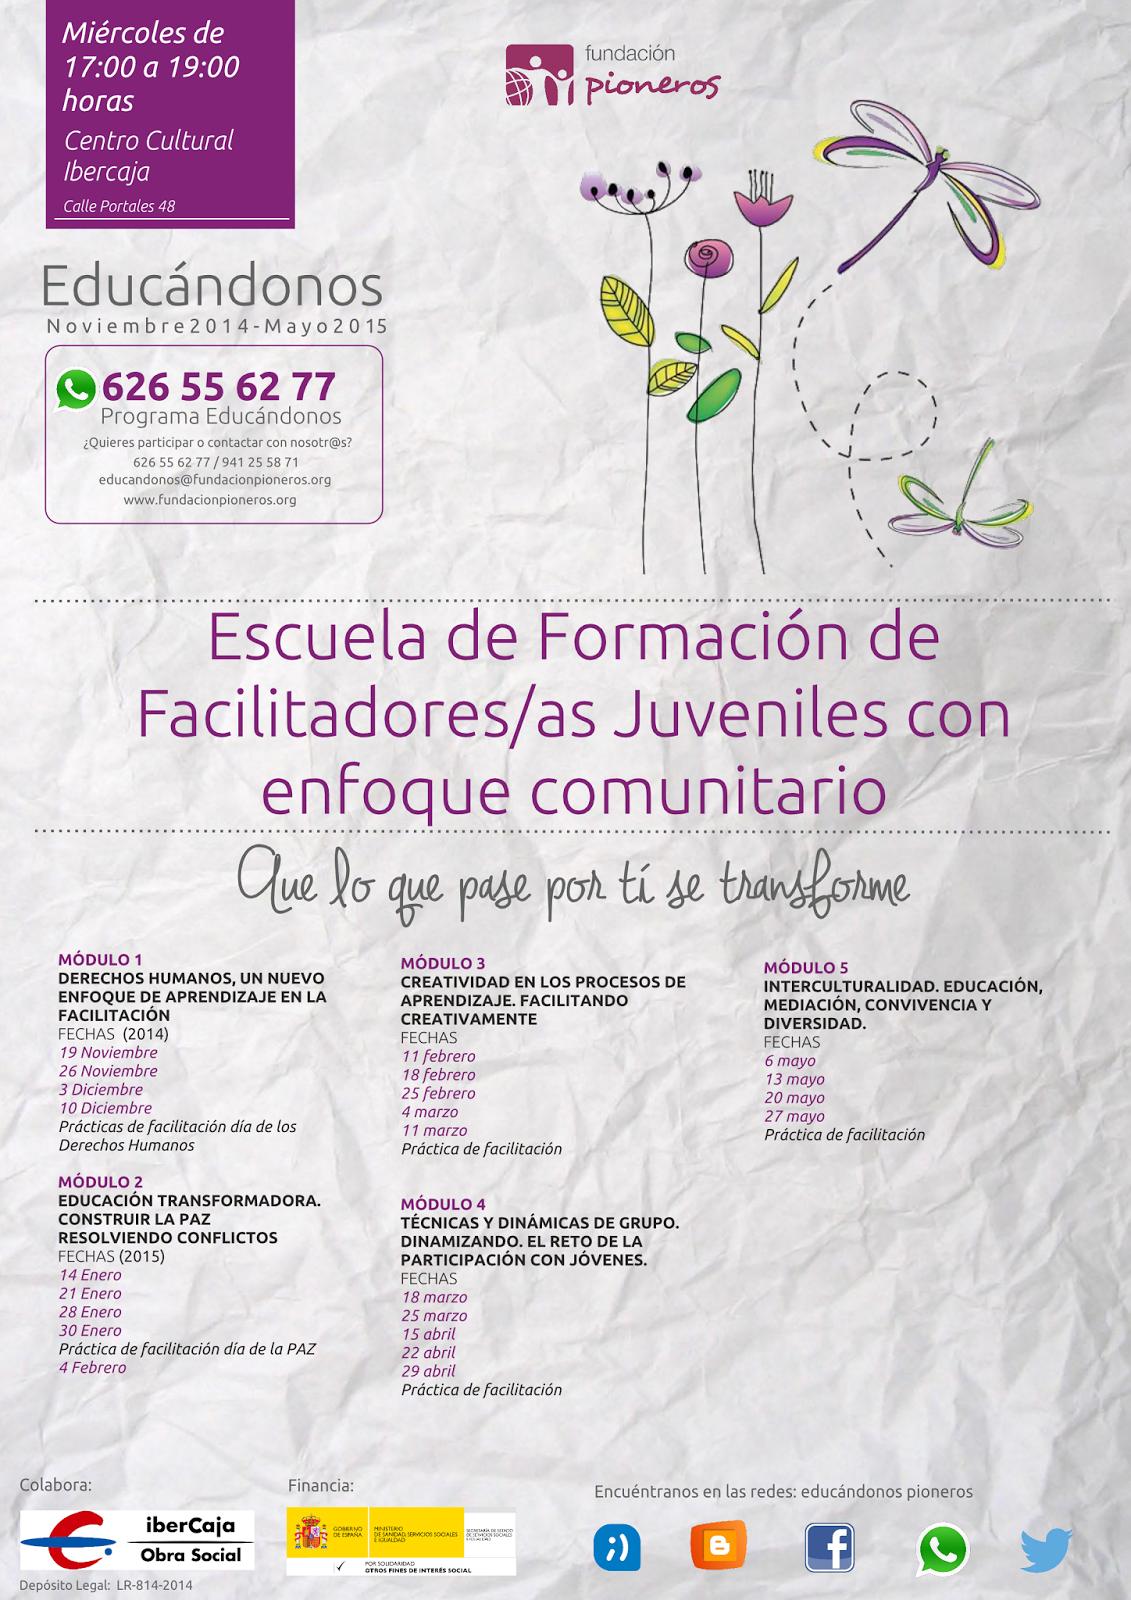 Cartelescuelafacilitadoreseducandonos2014-2015